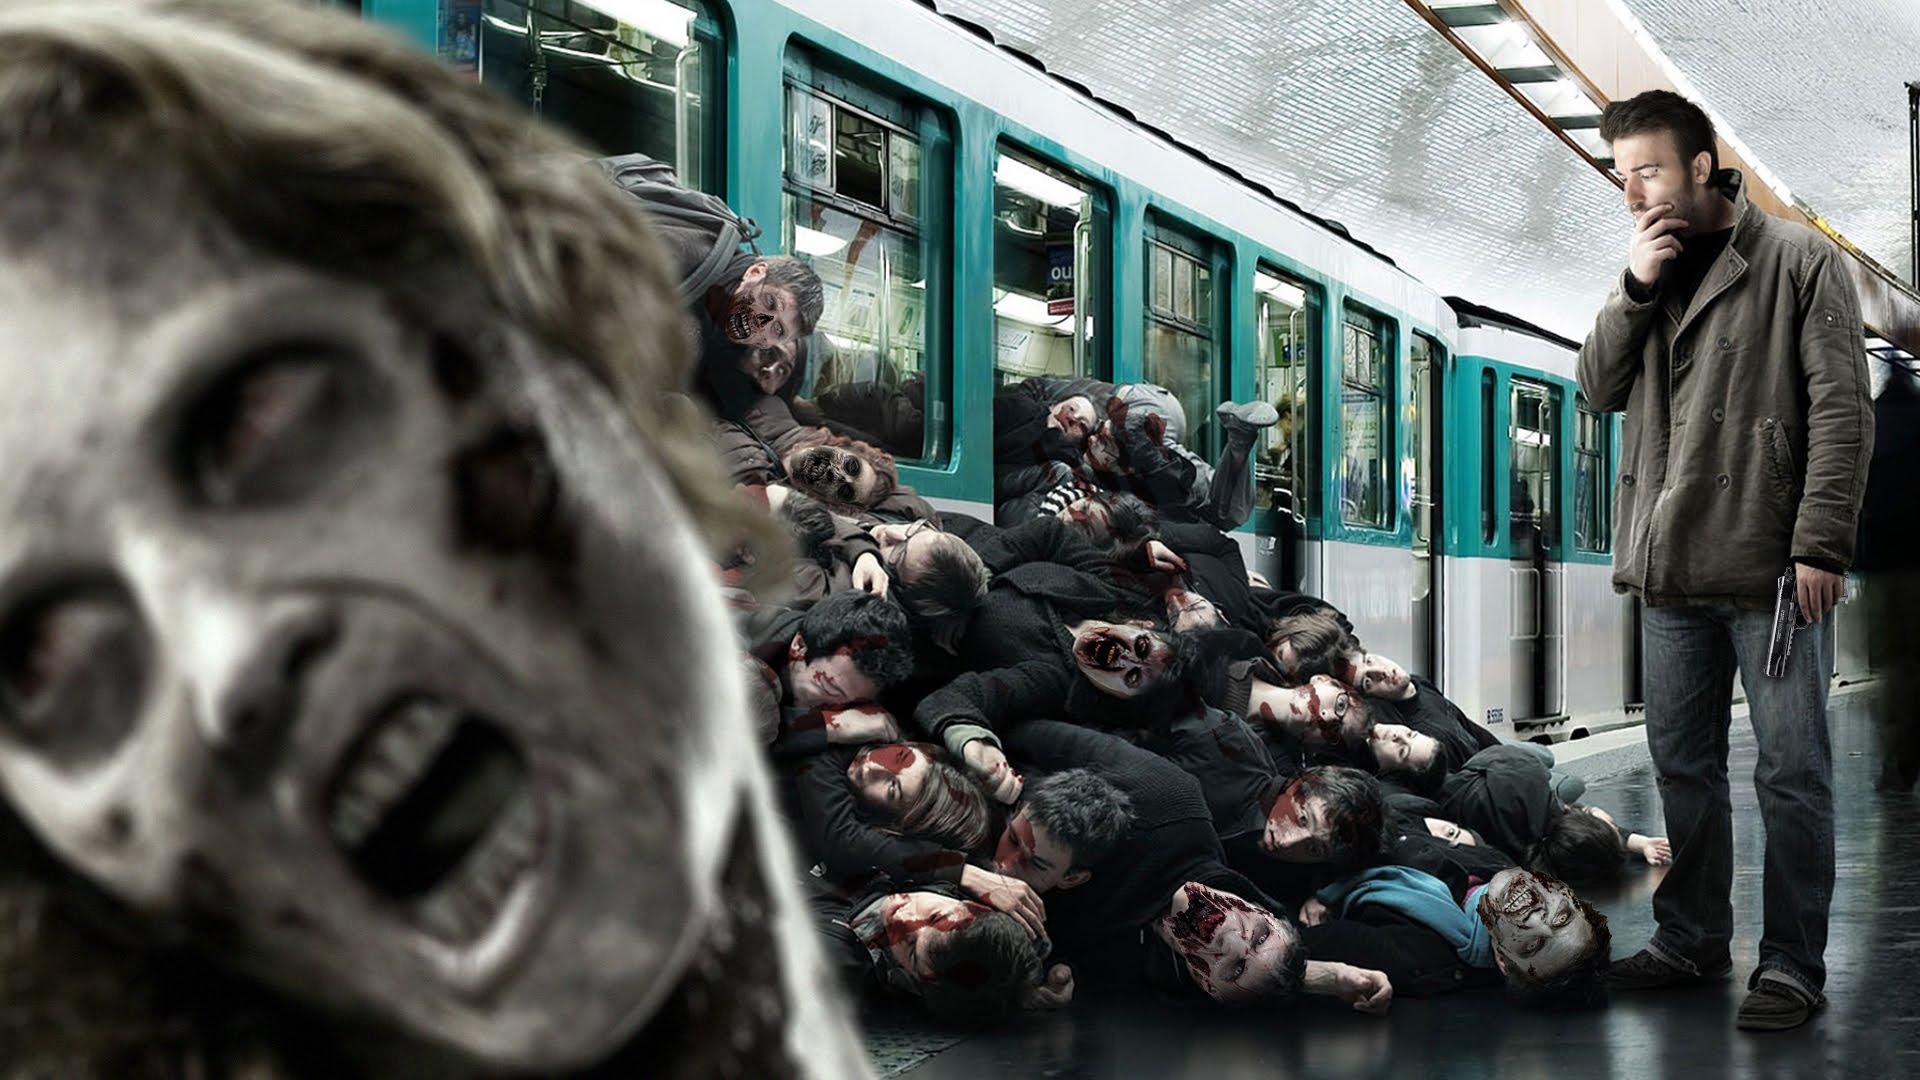 Как выжить в московском метро, если возникнет зомби-апокалипсис